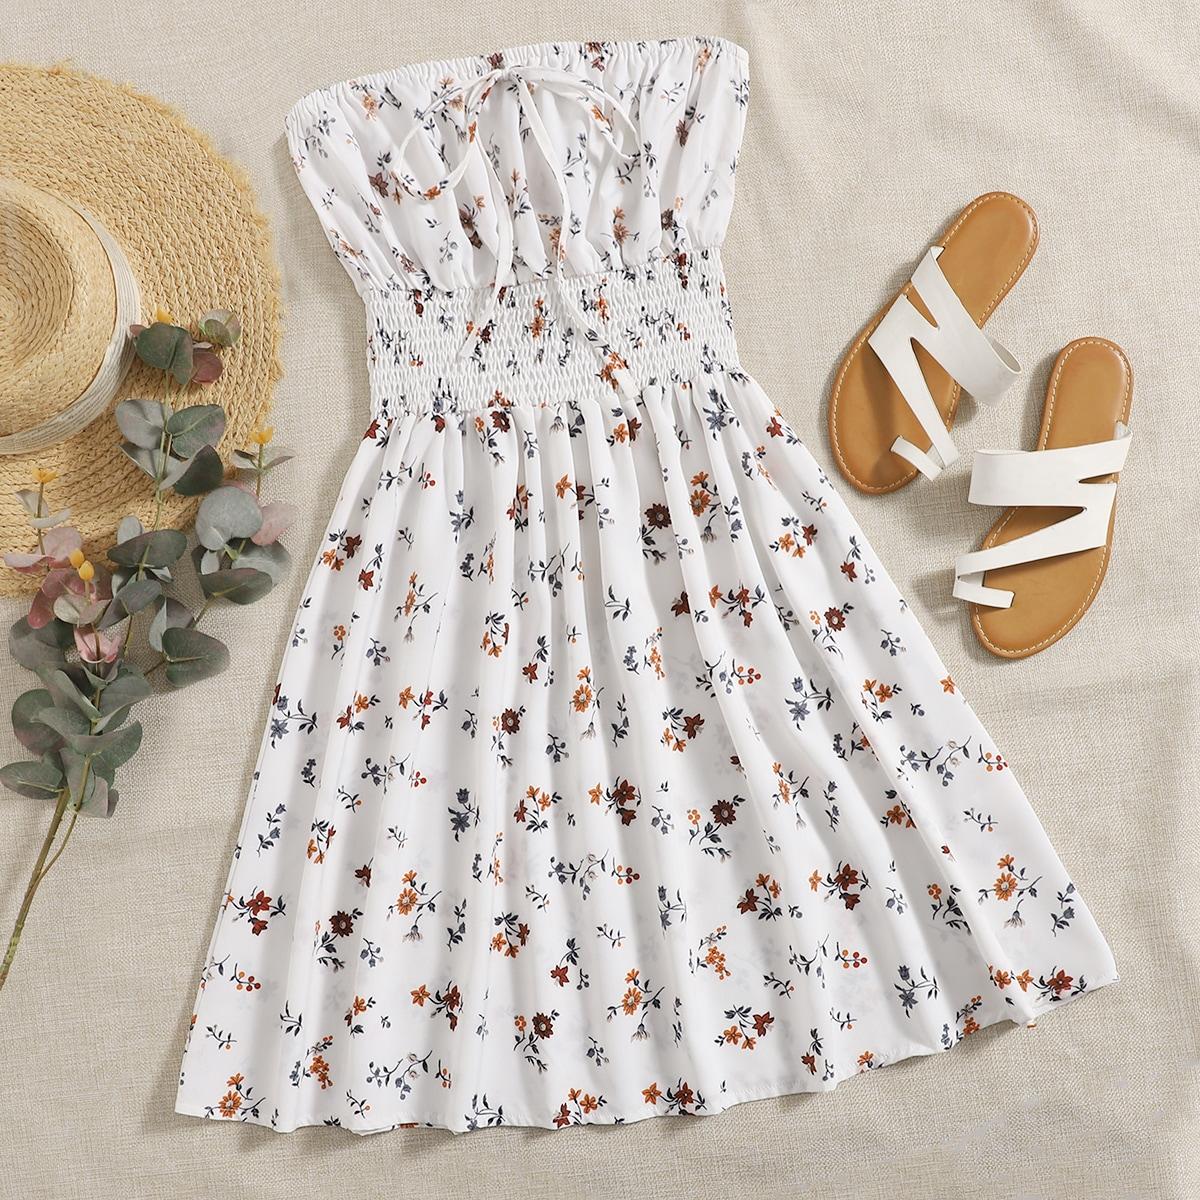 Платье-бандо с цветочным принтом SheIn swdress25201222260